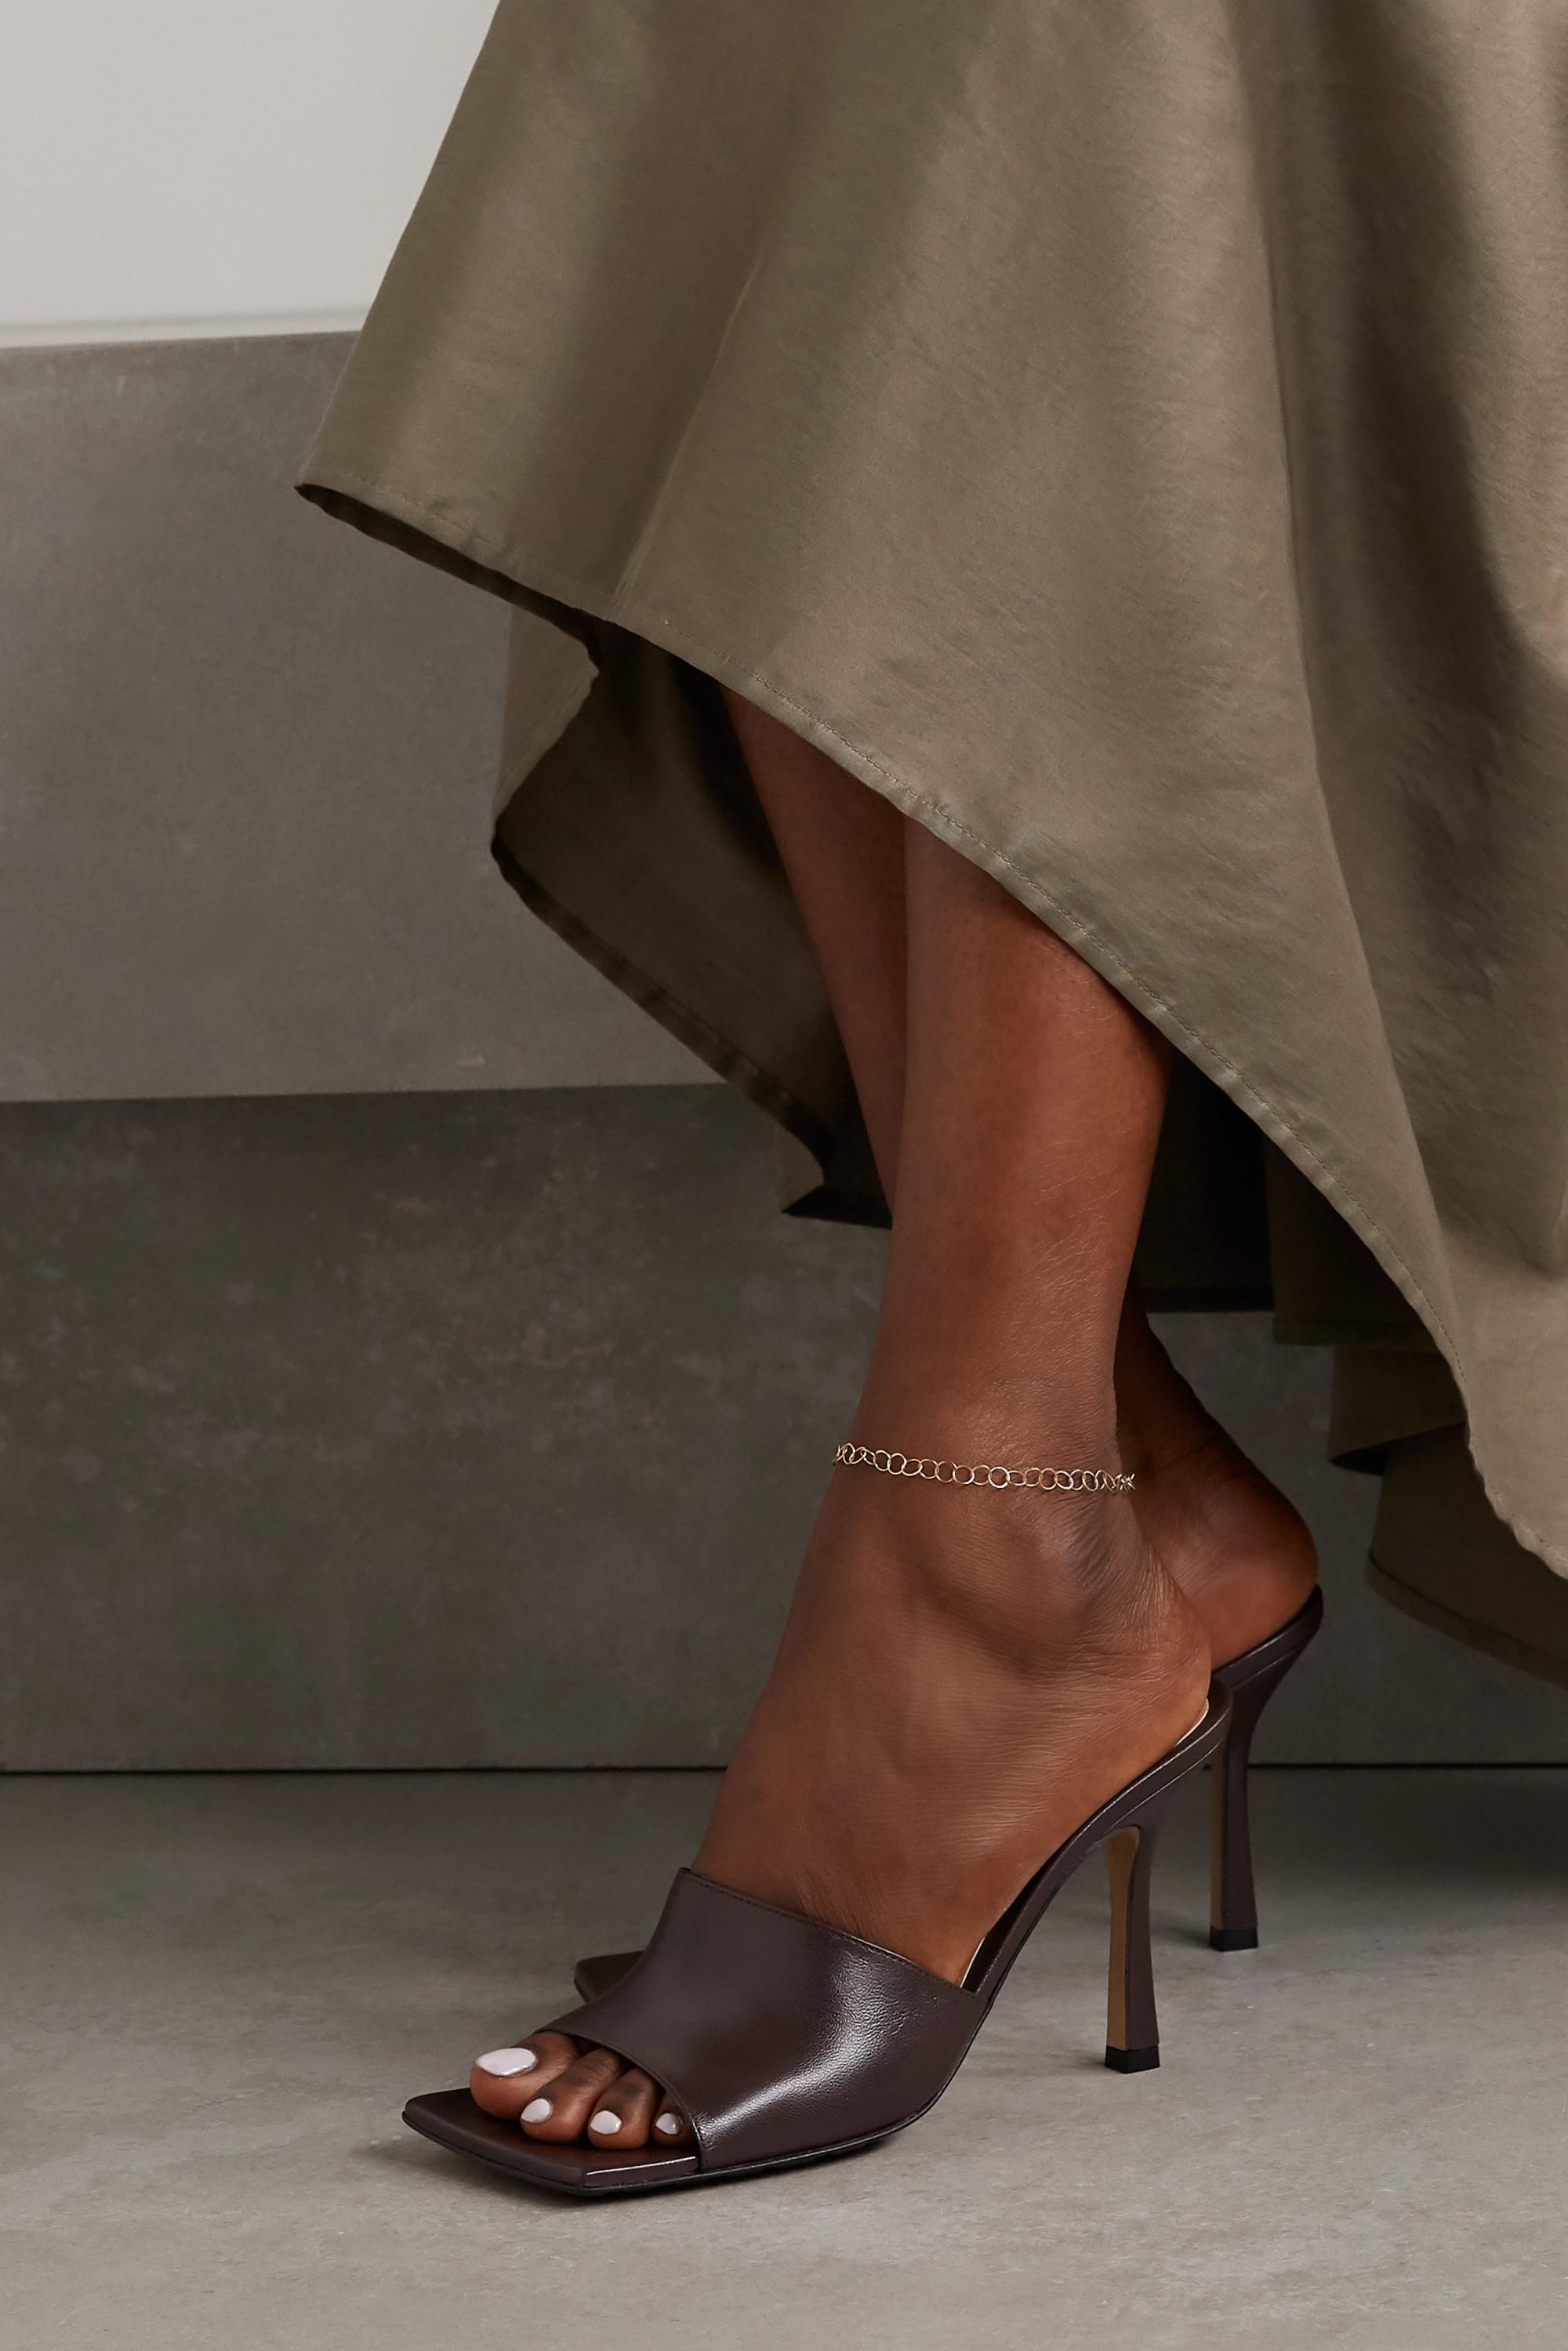 Melissa Joy Manning 14-karat recycled gold anklet